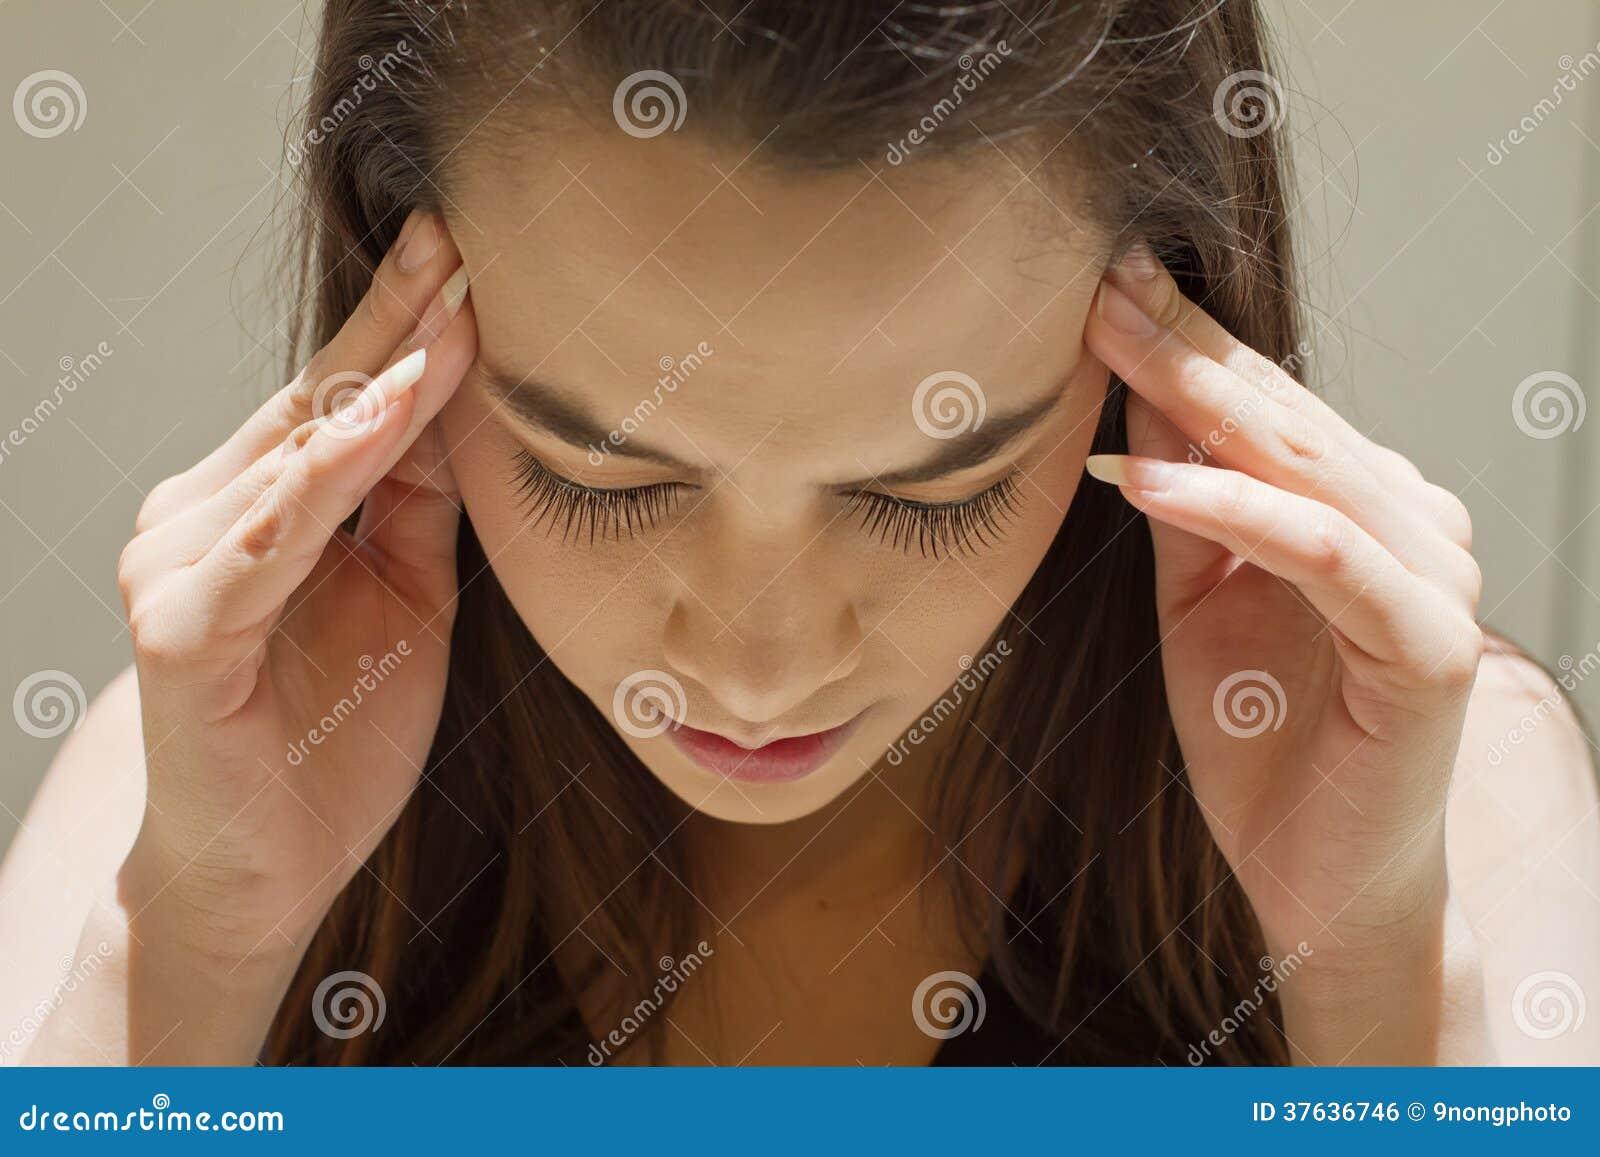 Uitgeputte vrouw met hoofdpijn, migraine, spanning, kater, menta